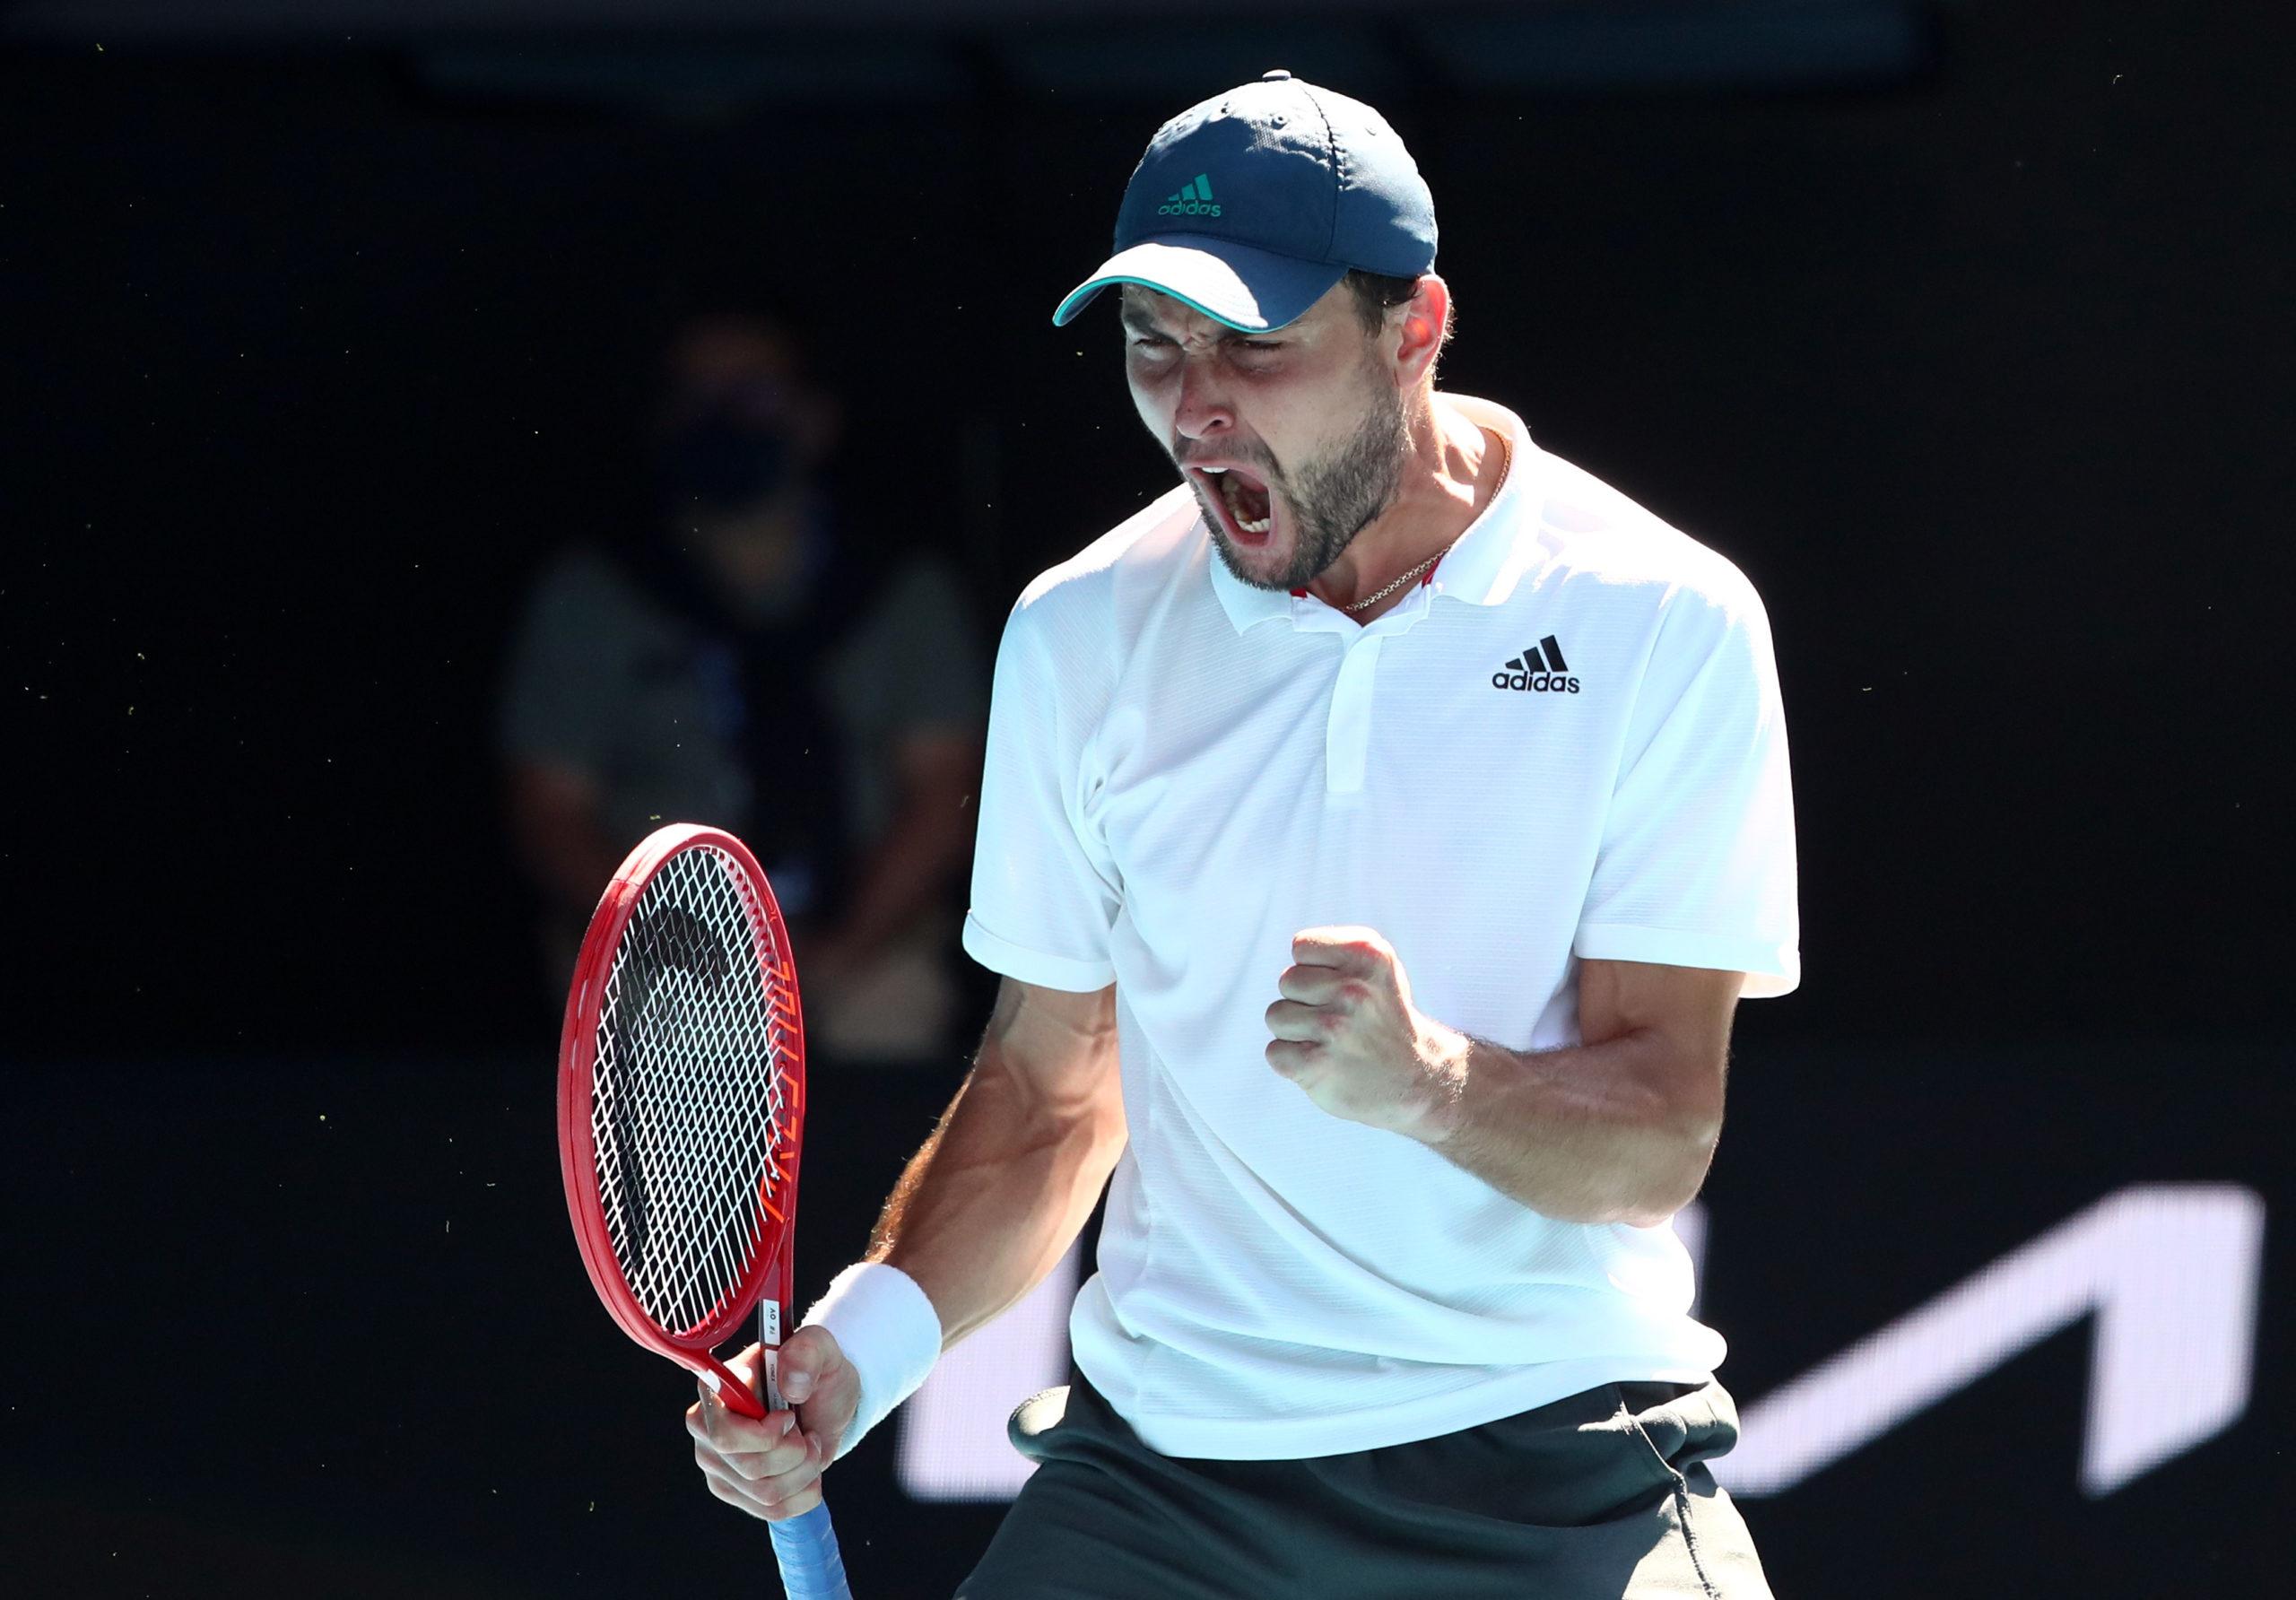 Australian Open 2021 Preview Day 9: Tennis world, meet Aslan Karatsev -  Tennis Connected